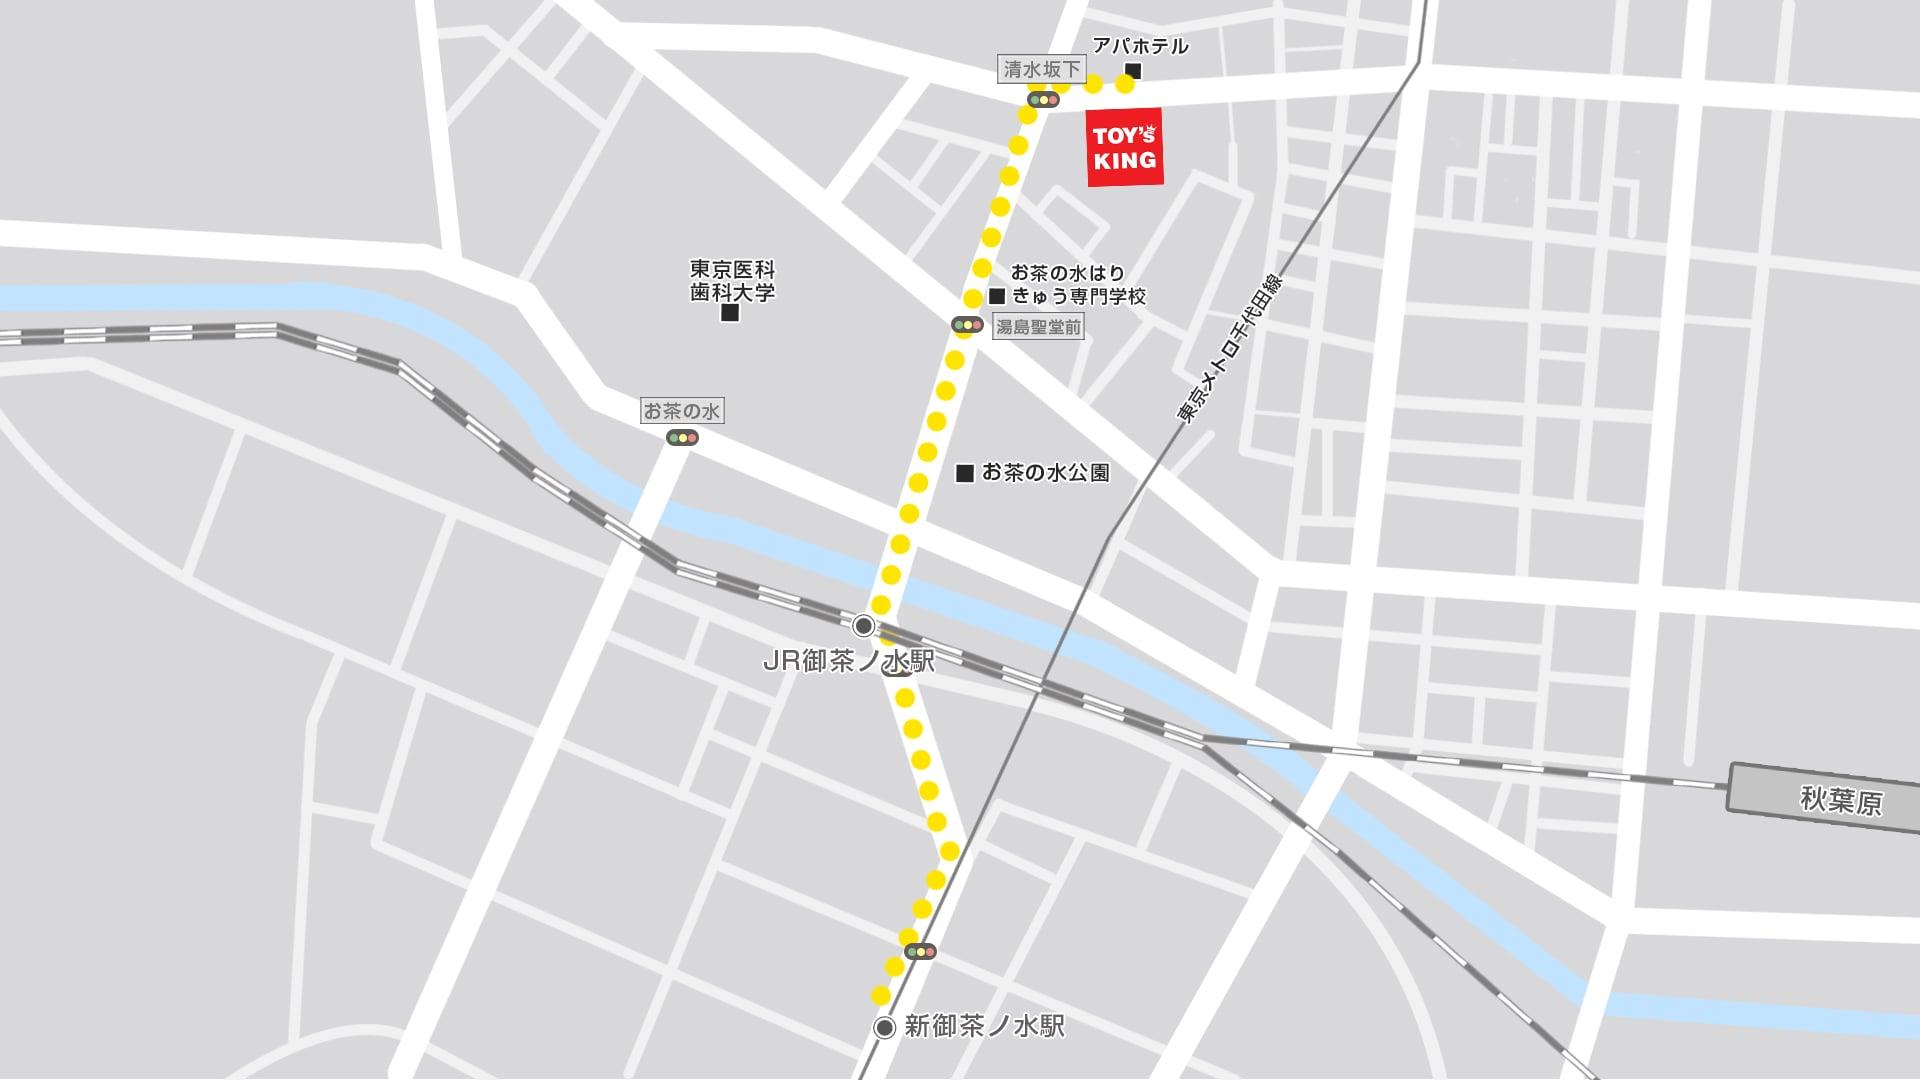 トイズキング東京買取センターMAP